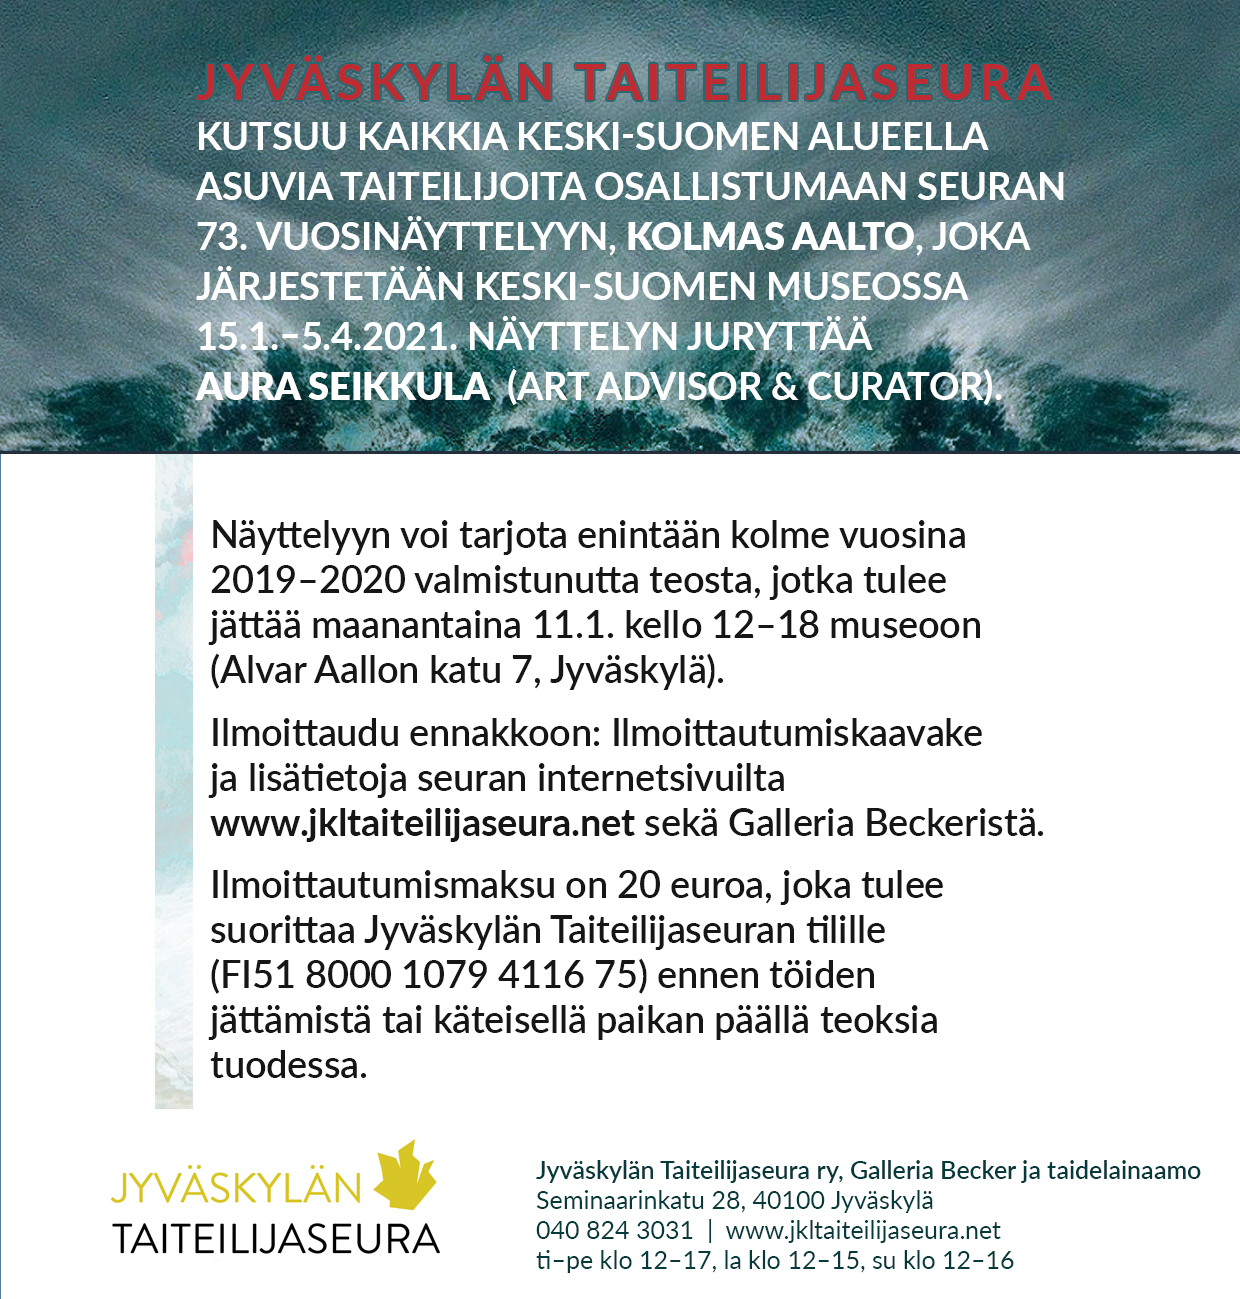 Kolmas Aalto